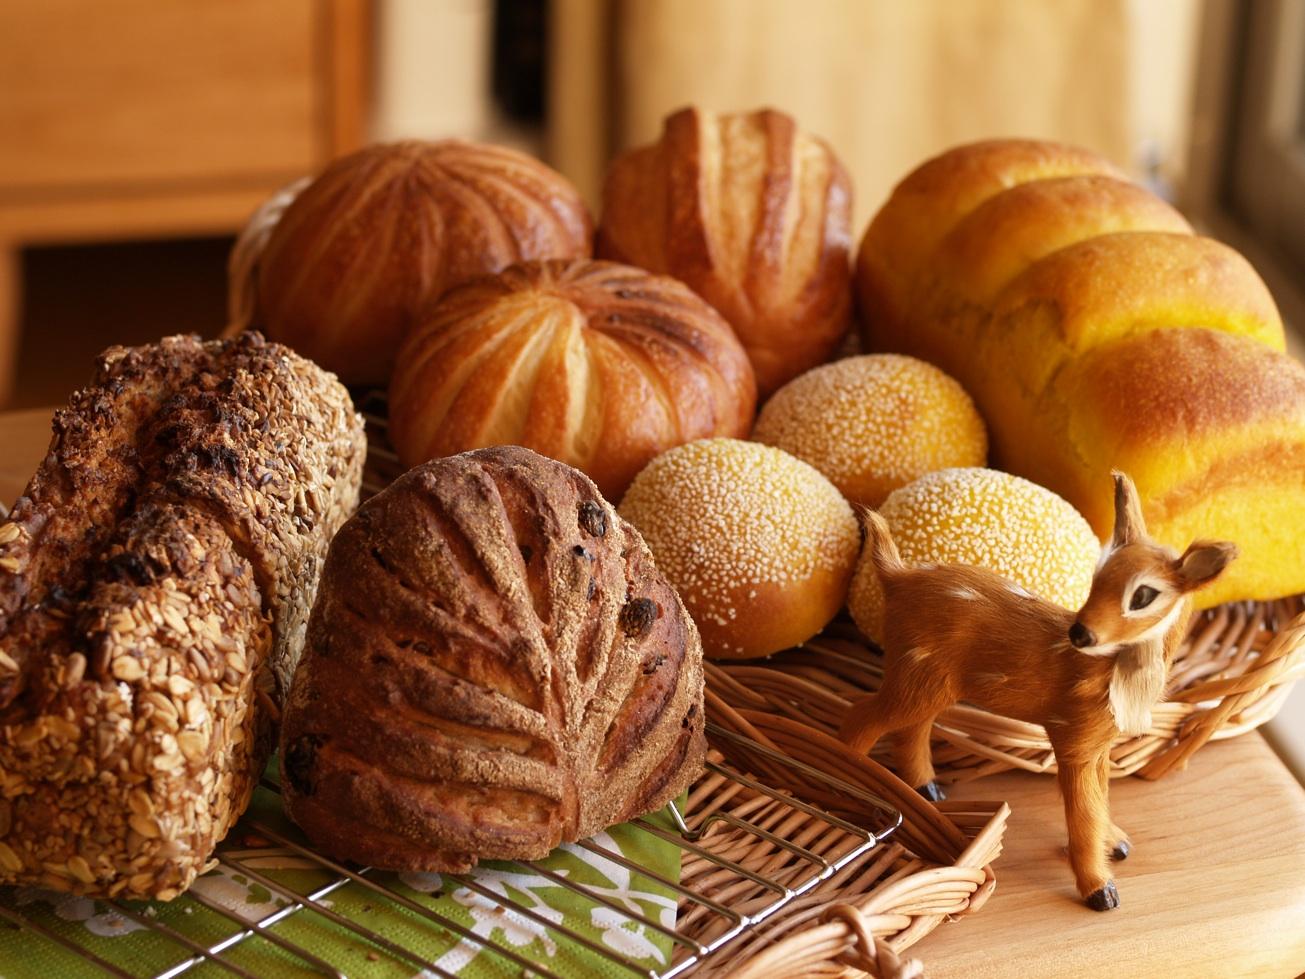 パン好きに朗報!ダイエット中でも楽しめるパンとそのカロリーのサムネイル画像